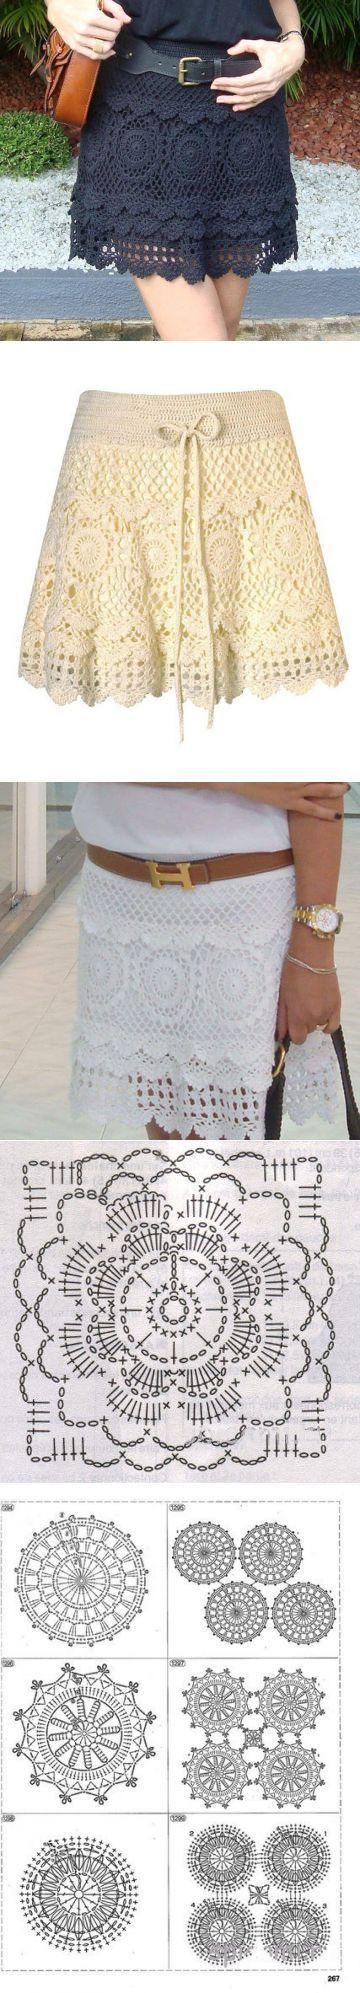 Красивая юбка крючком   Рукоделие и вышивка